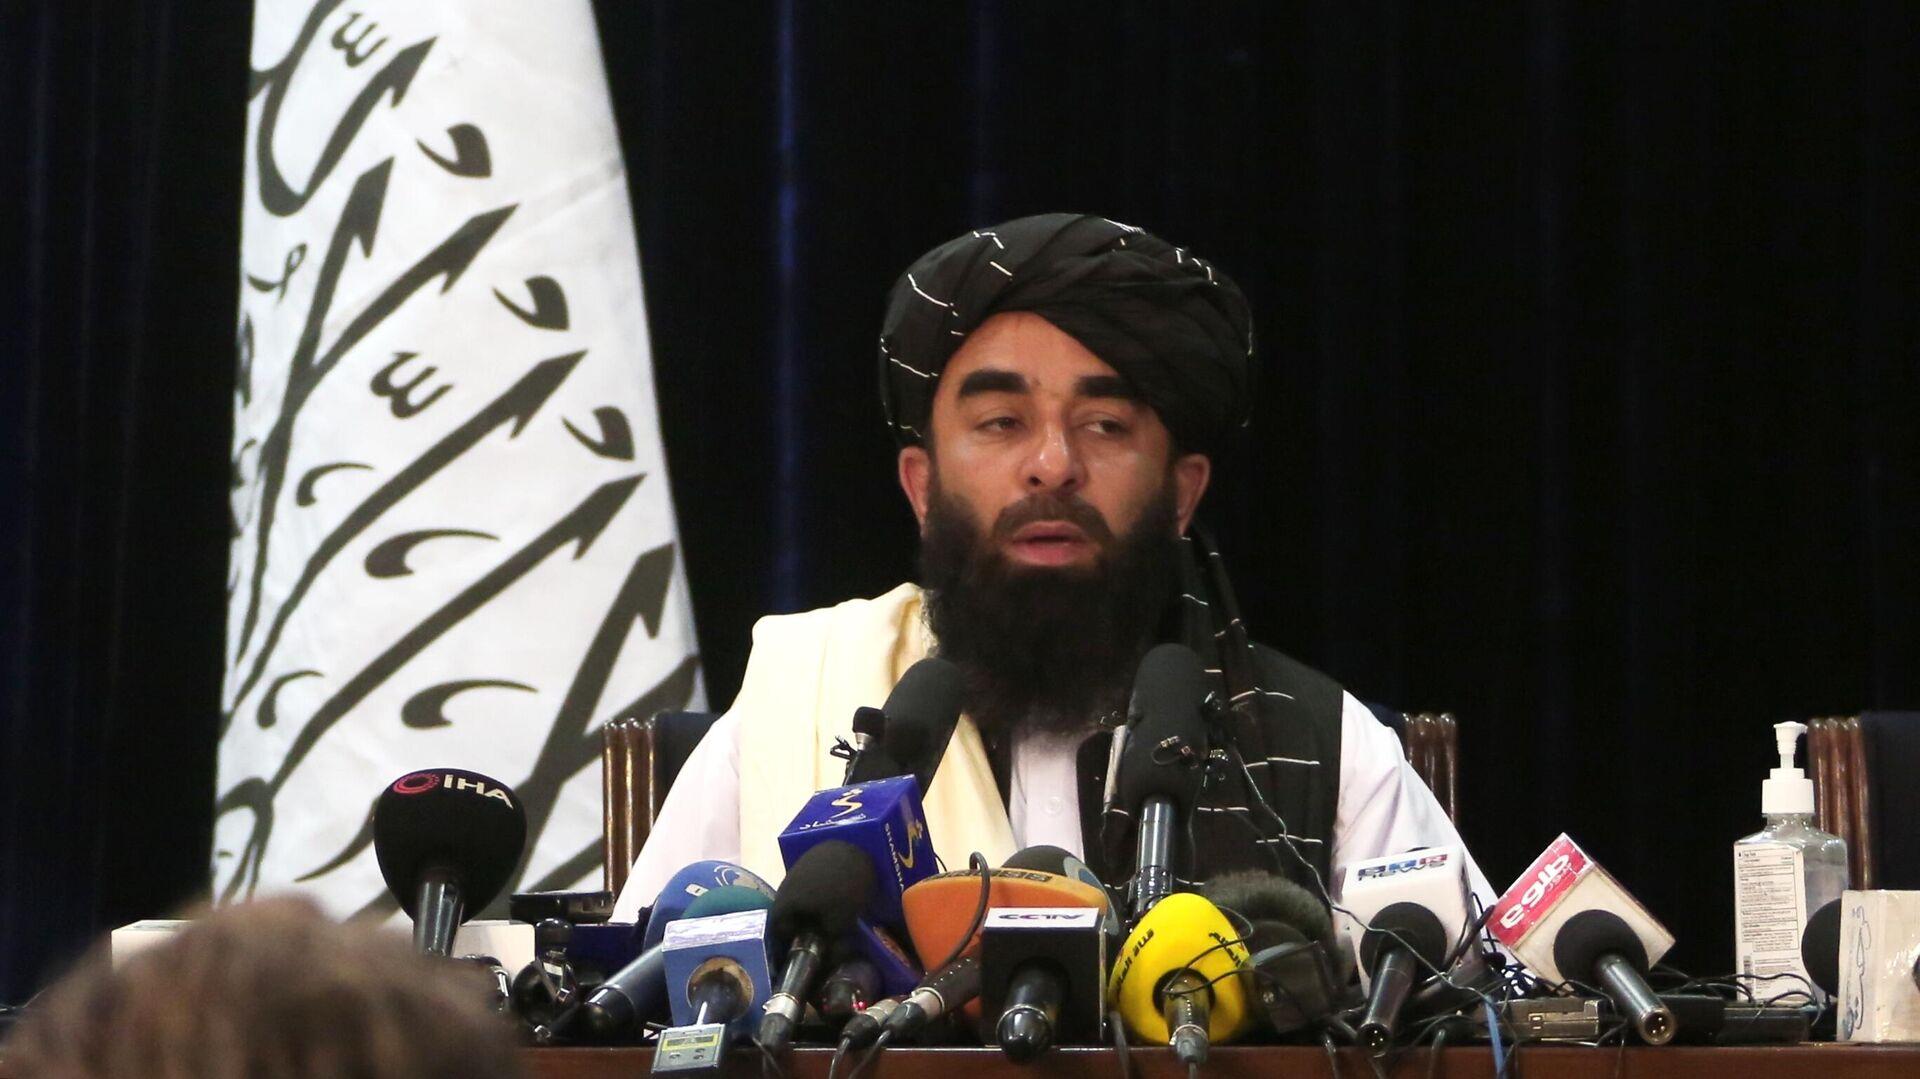 Представитель движения Талибан* Забиулла Муджахид во время пресс-конференции в Кабуле - РИА Новости, 1920, 23.09.2021